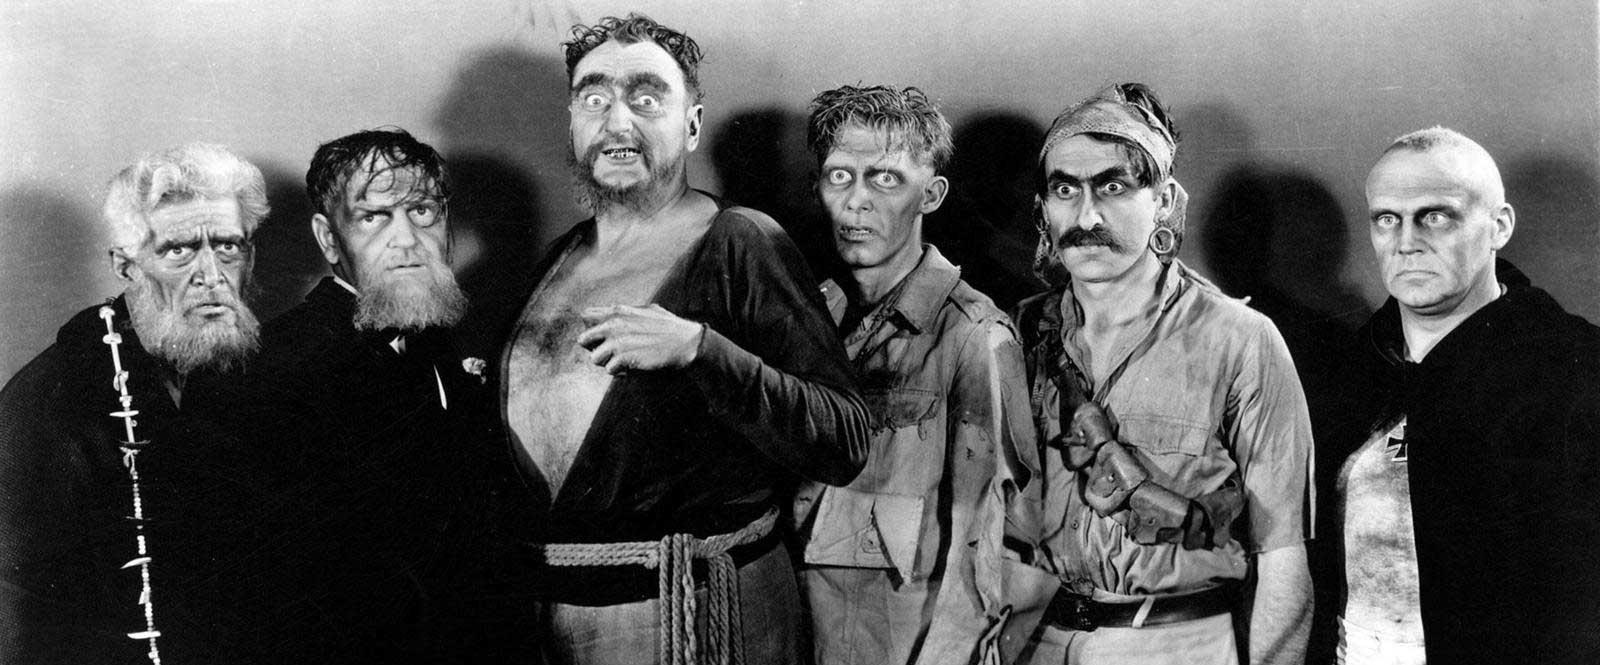 Кадр из фильма «Белый зомби». Изображение — Metro-Goldwyn-Mayer